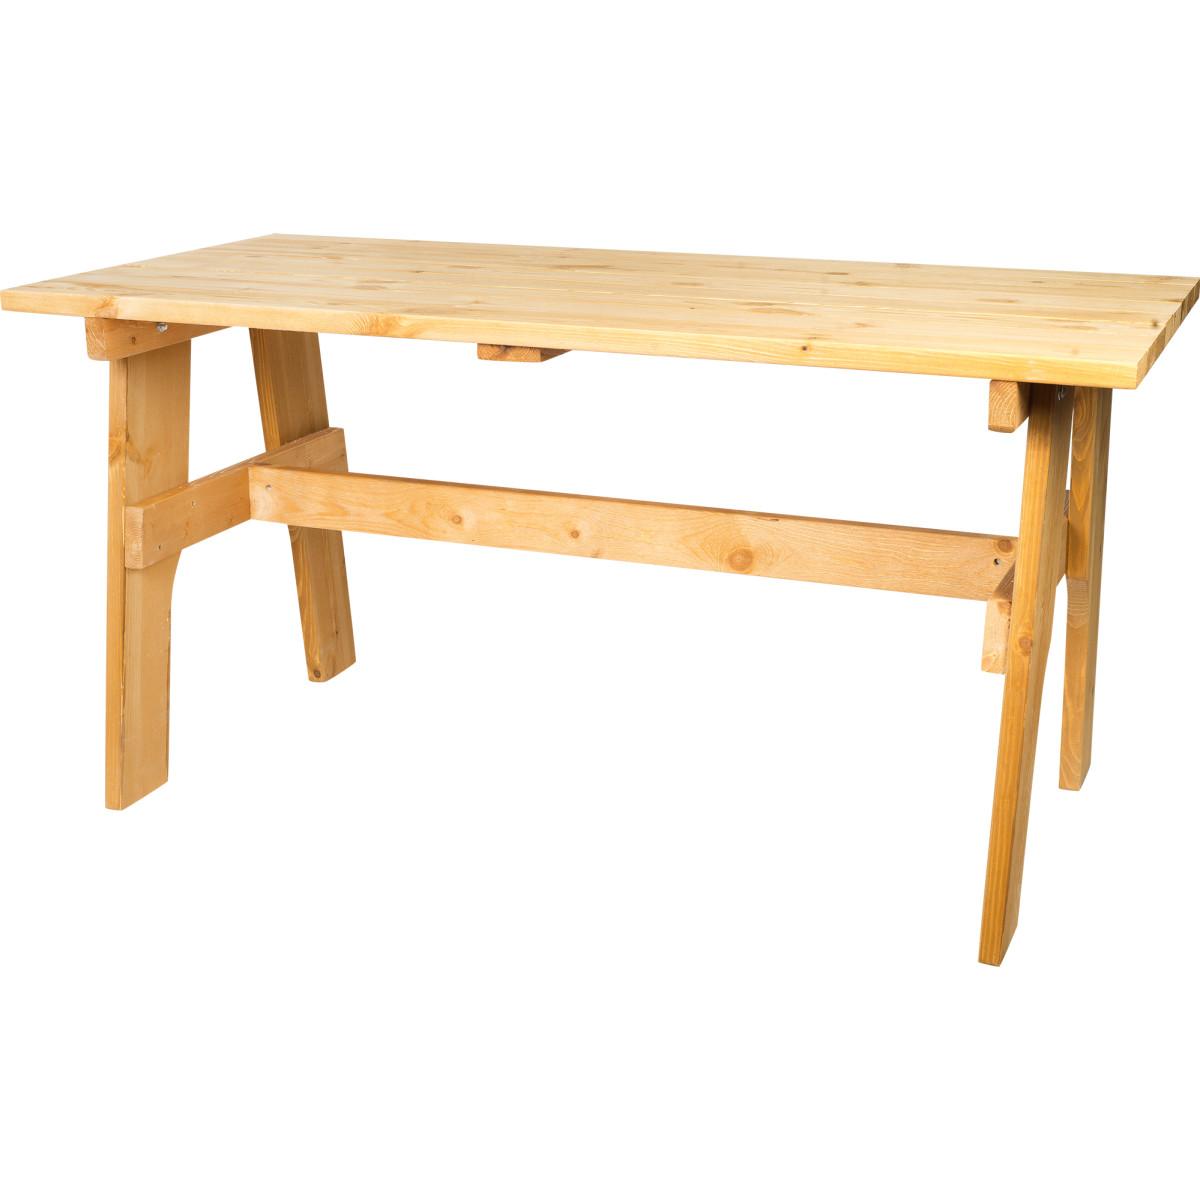 Стол садовый Бьорн 74х70х148 см цвет тик